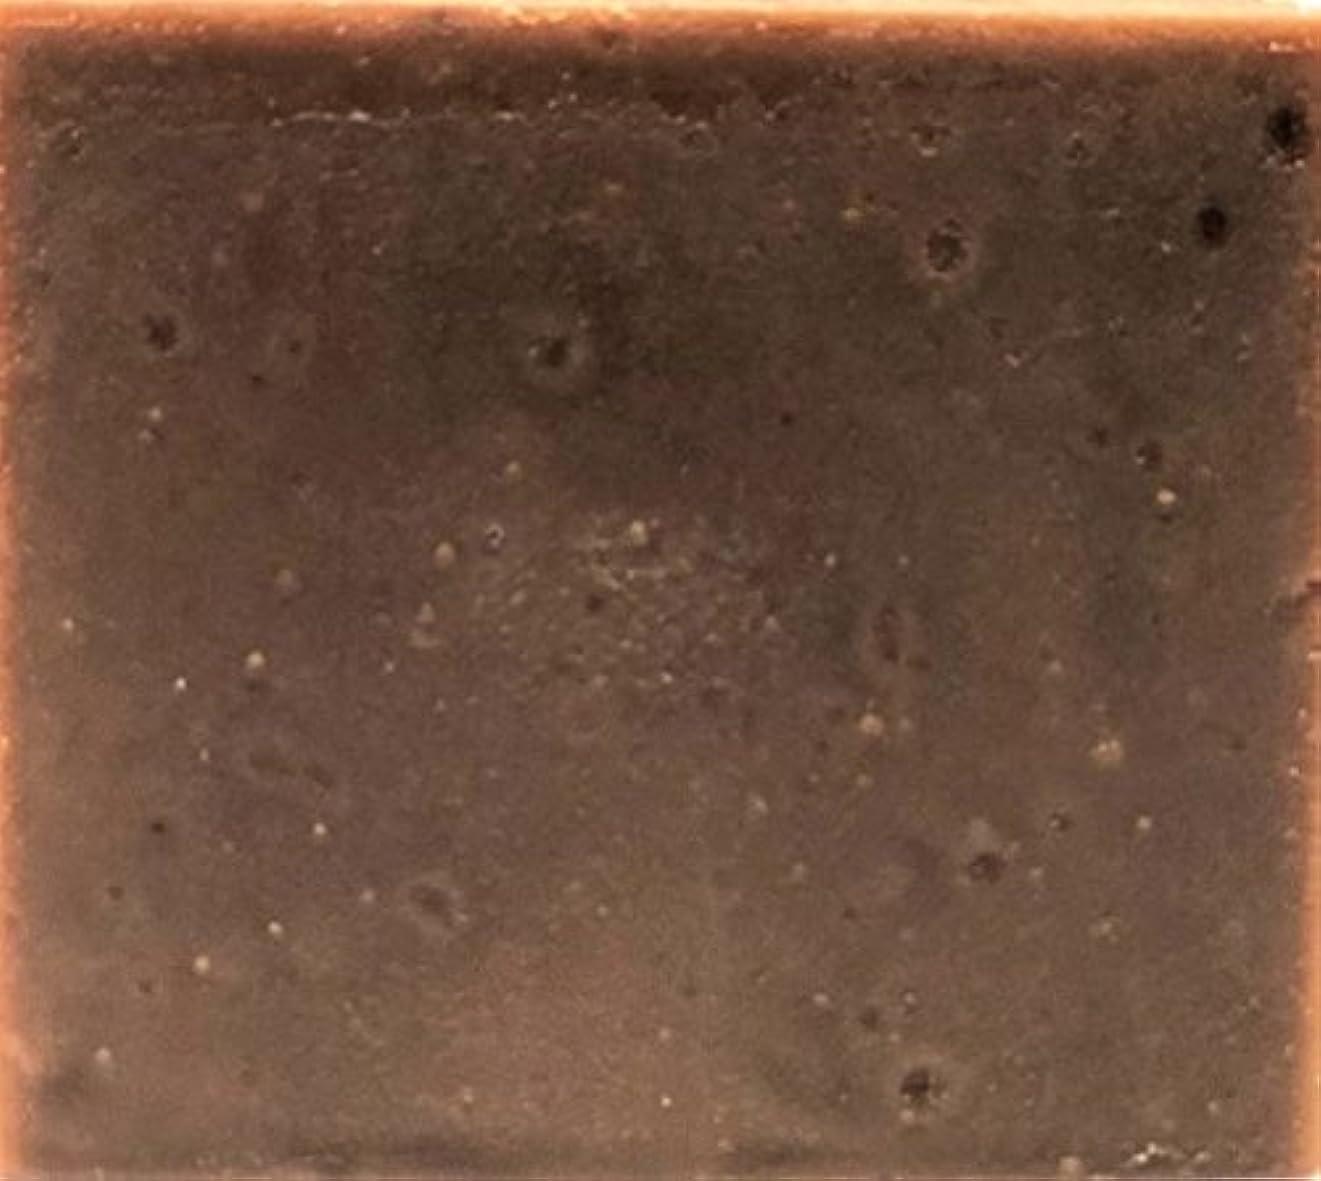 不快なブロンズ火傷篠山石鹸 ラベンダー 90g 自家製ハーブを使い、コールドプロセス製法で作った手作り石けん